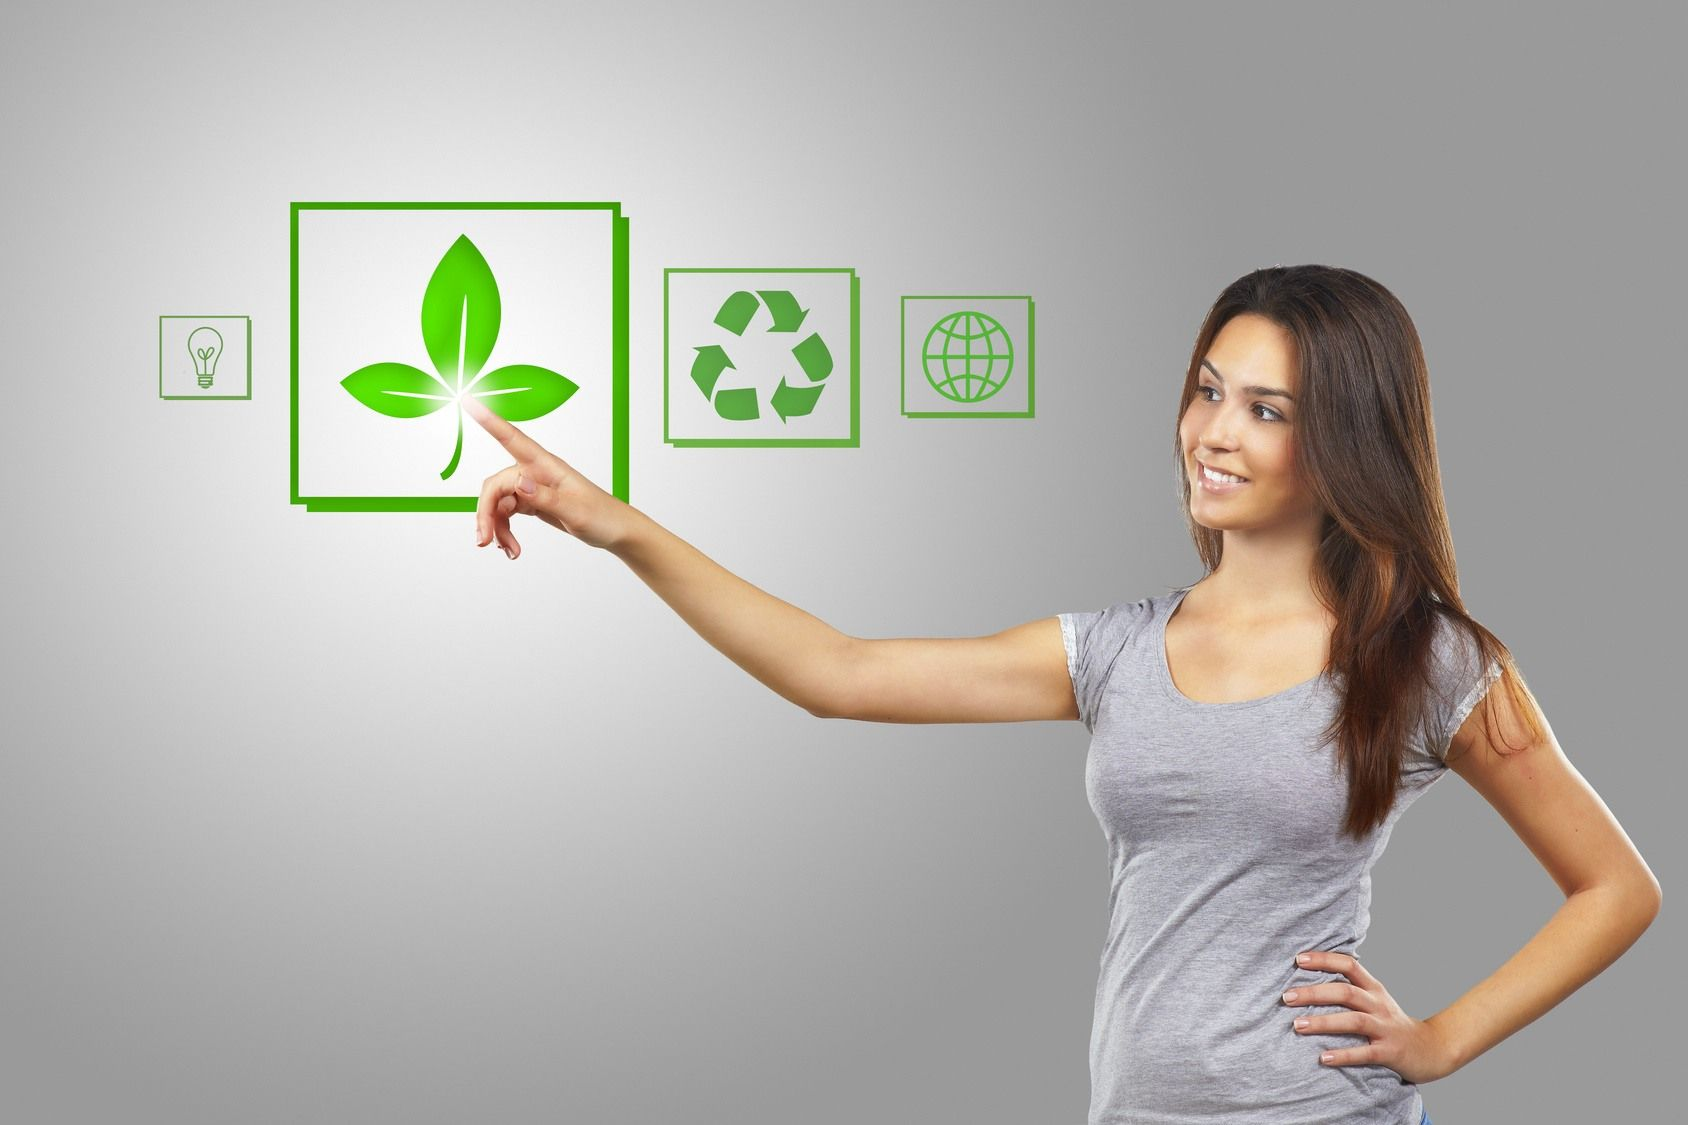 Compromiso empresarial con el medioambiente - www.DomesticatuEconomia.es, de Cetelem